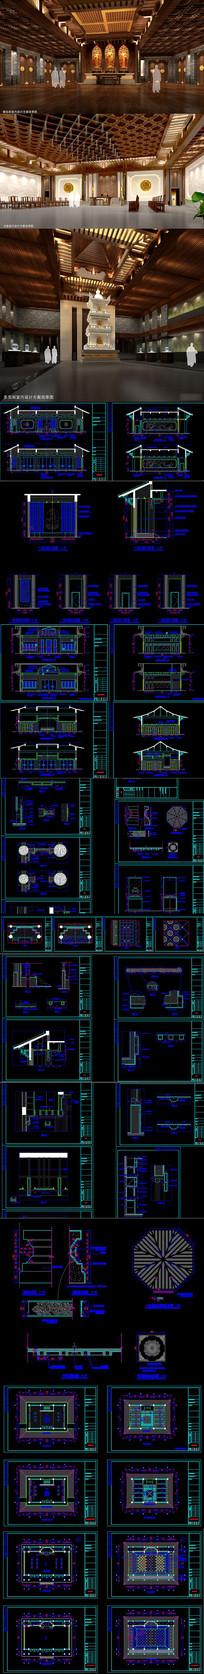 全套藏经楼CAD施工图  效果图 dwg